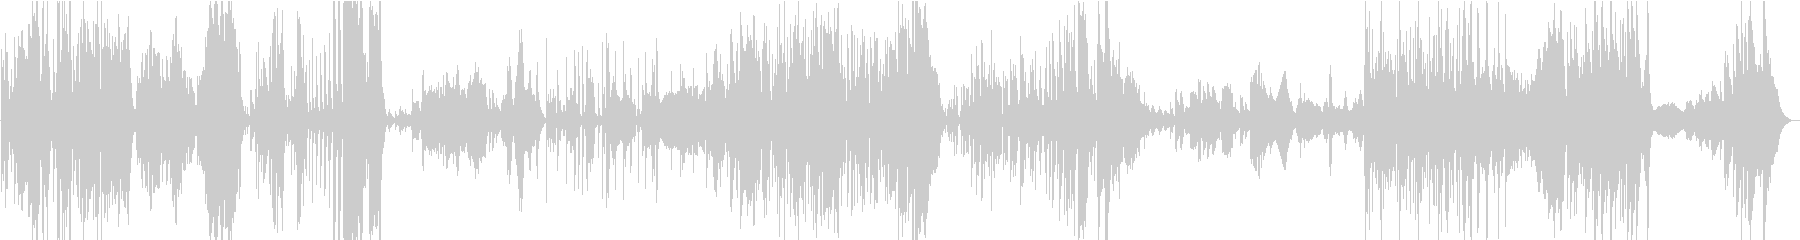 オーケストラ楽器コメディー-ユーモ...の未再生の波形